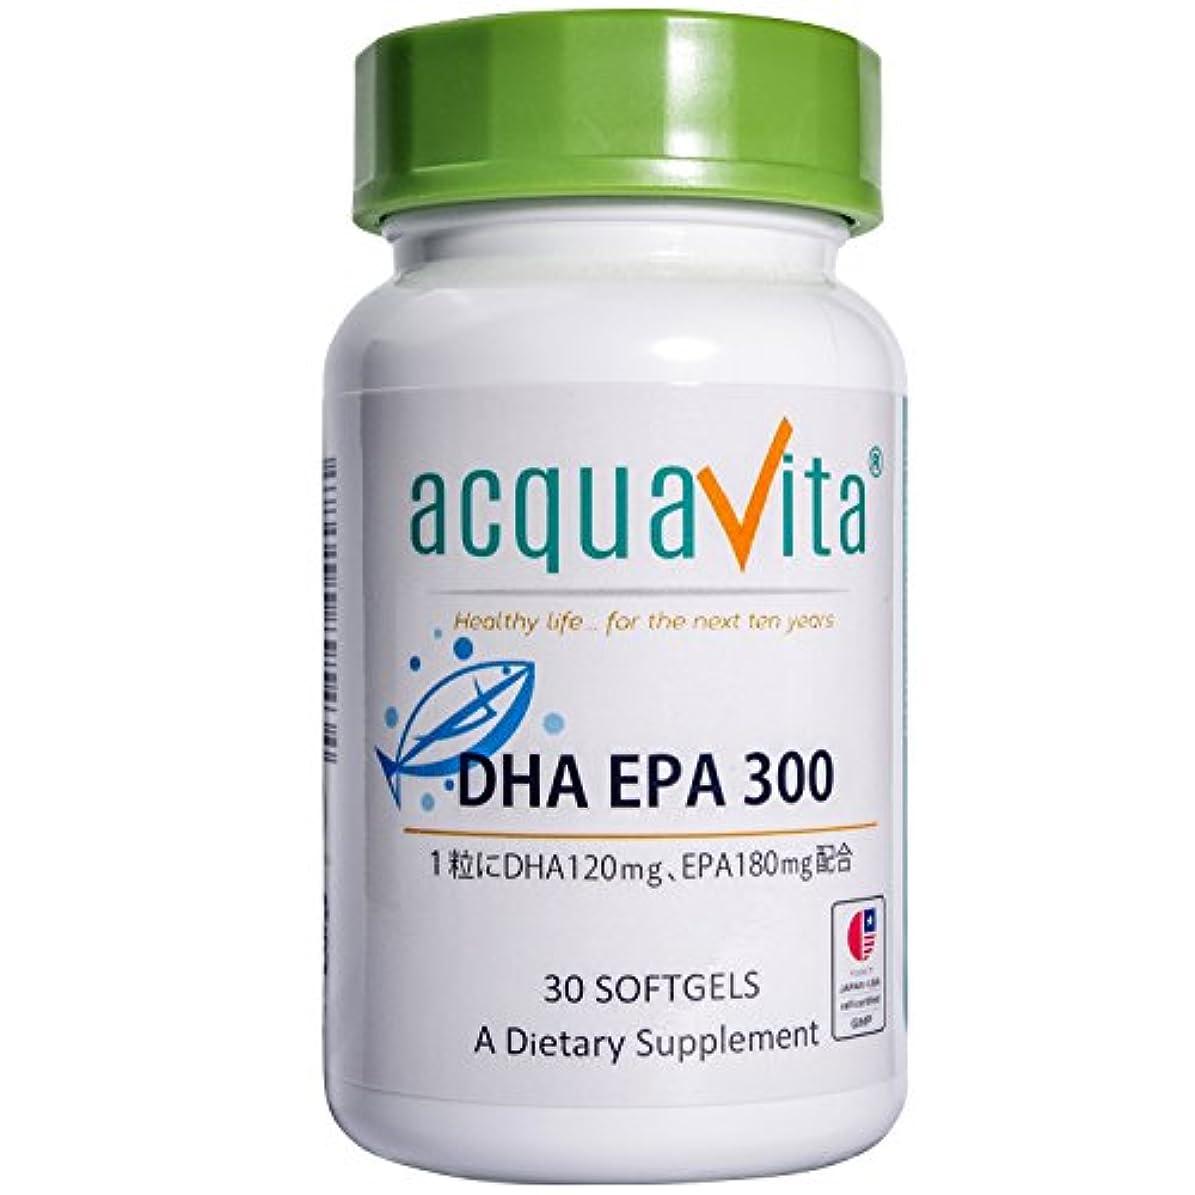 行方不明豊かにするトラクターacquavita(アクアヴィータ)DHA EPA300 30粒